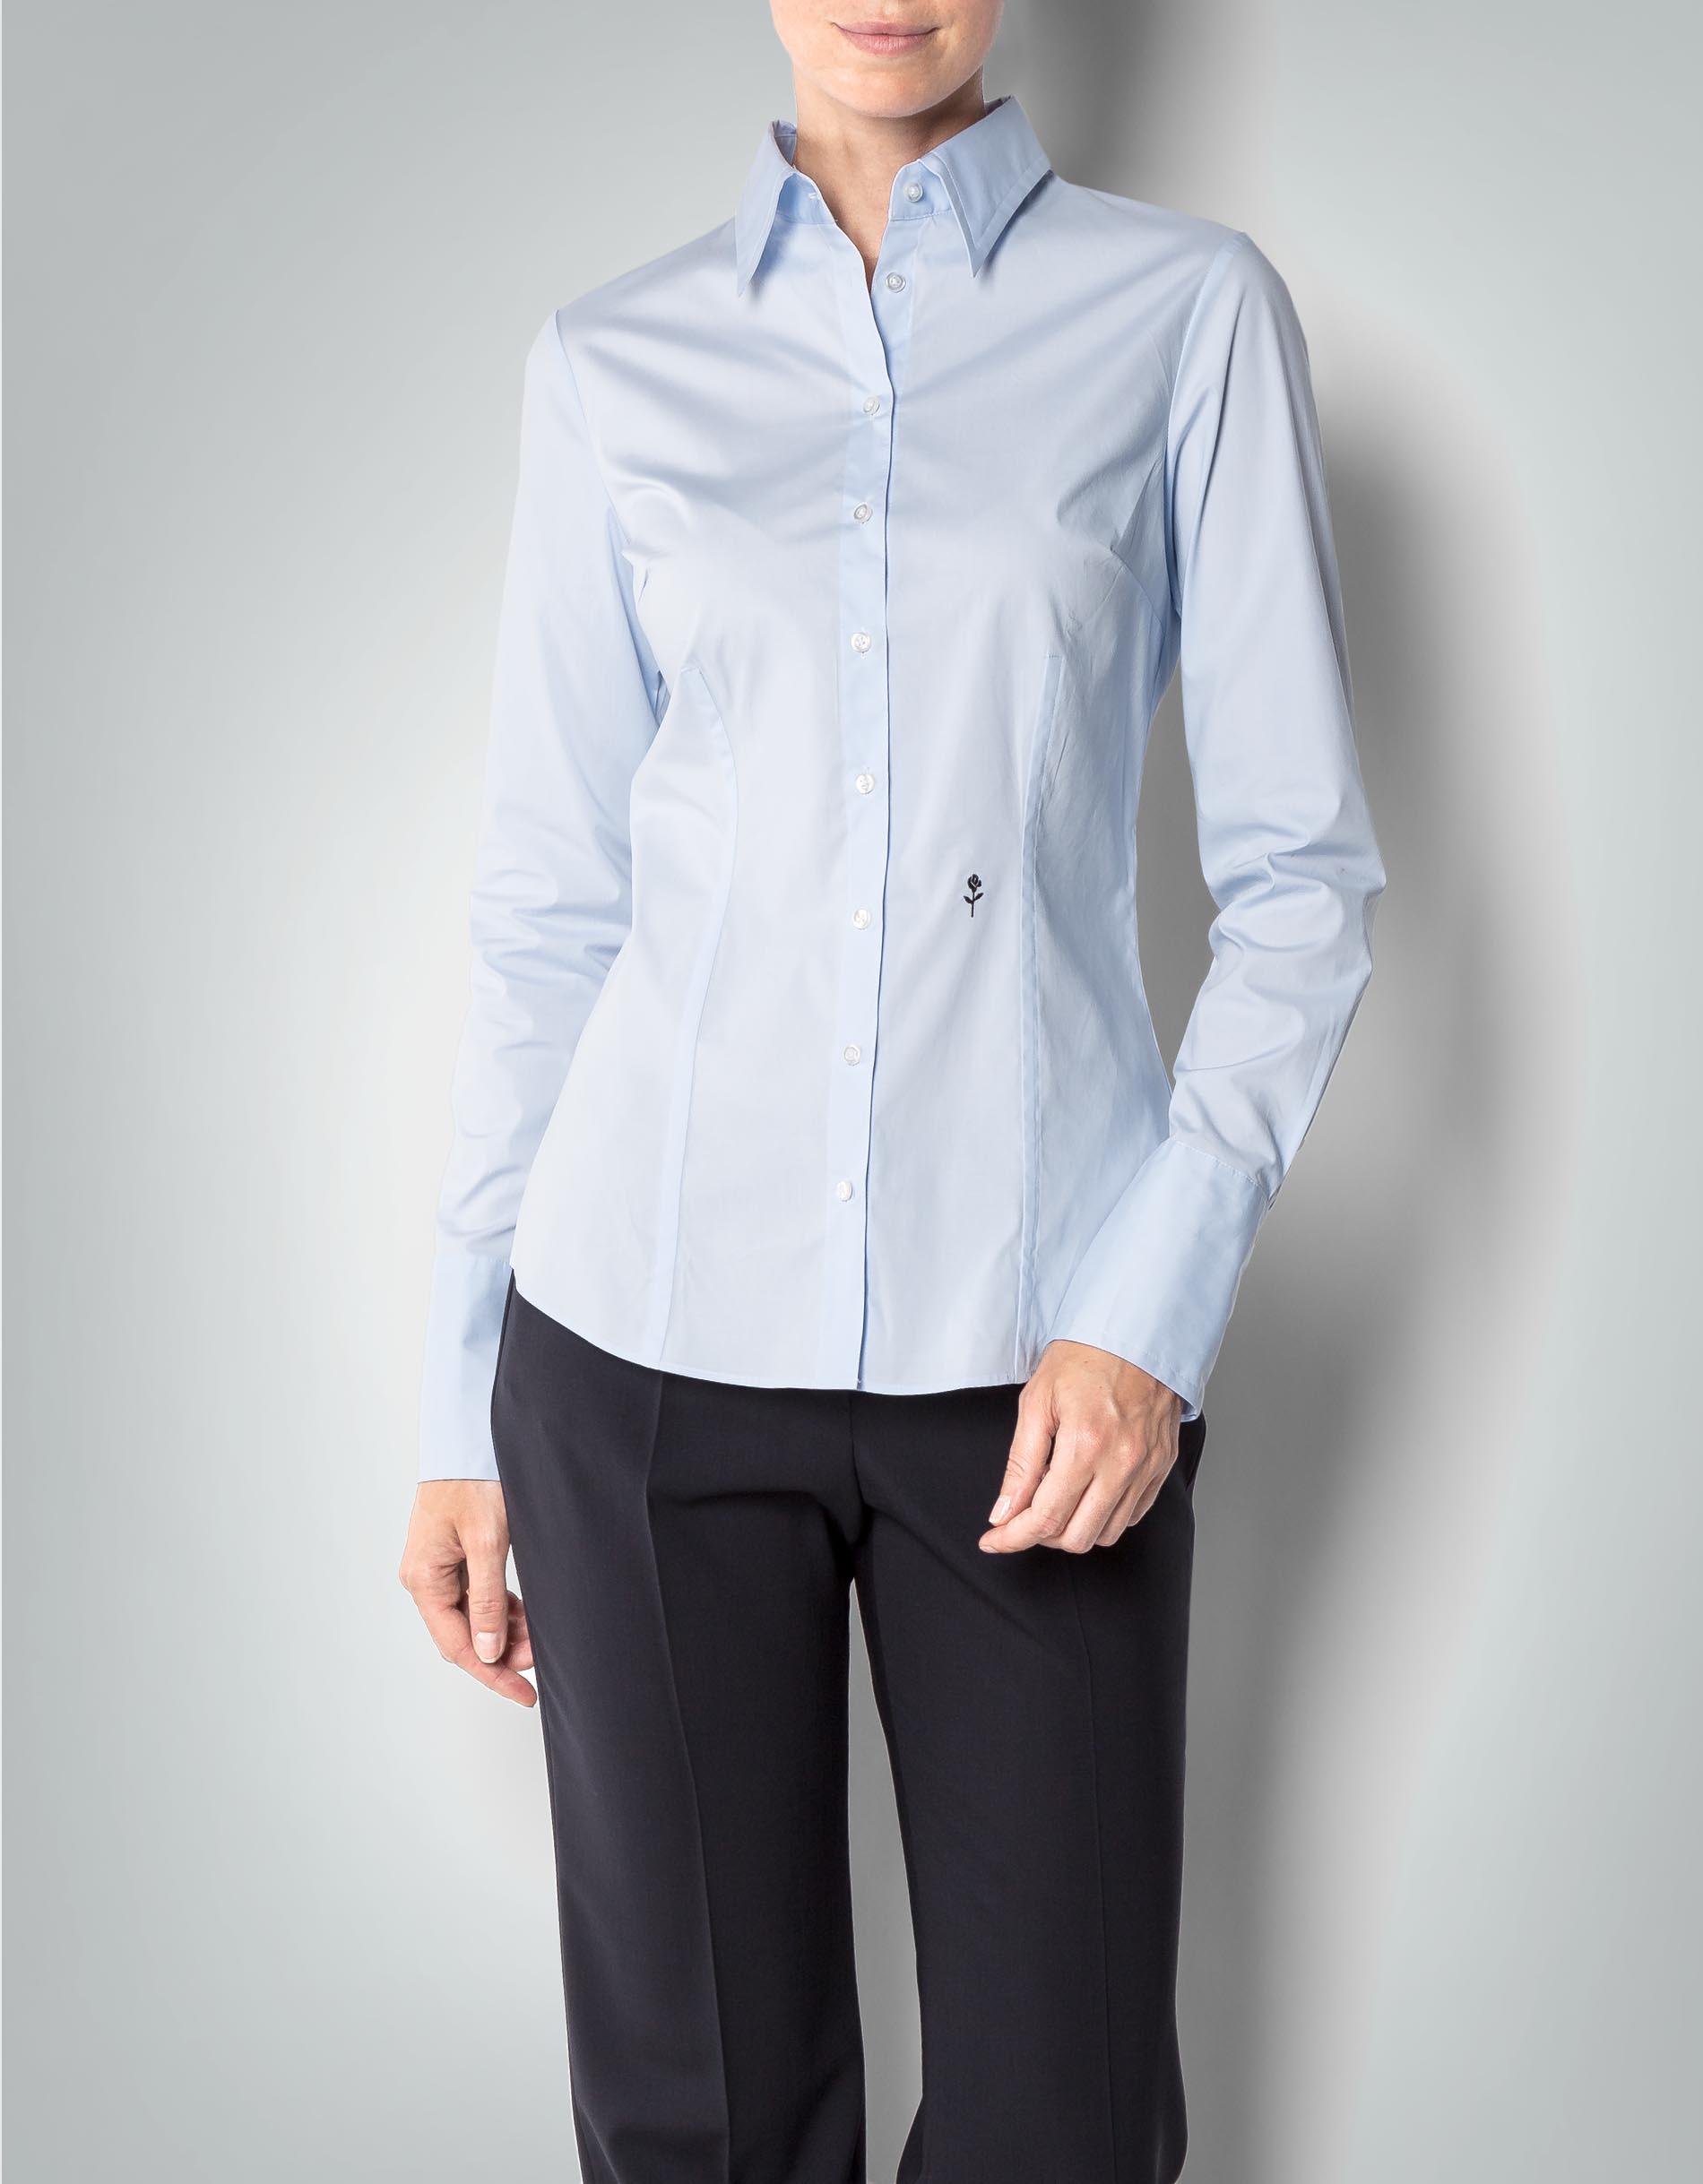 cc47b5cfbed0 Seidensticker Damen Bluse Slim in cleanem Design empfohlen von Deinen  Schwestern